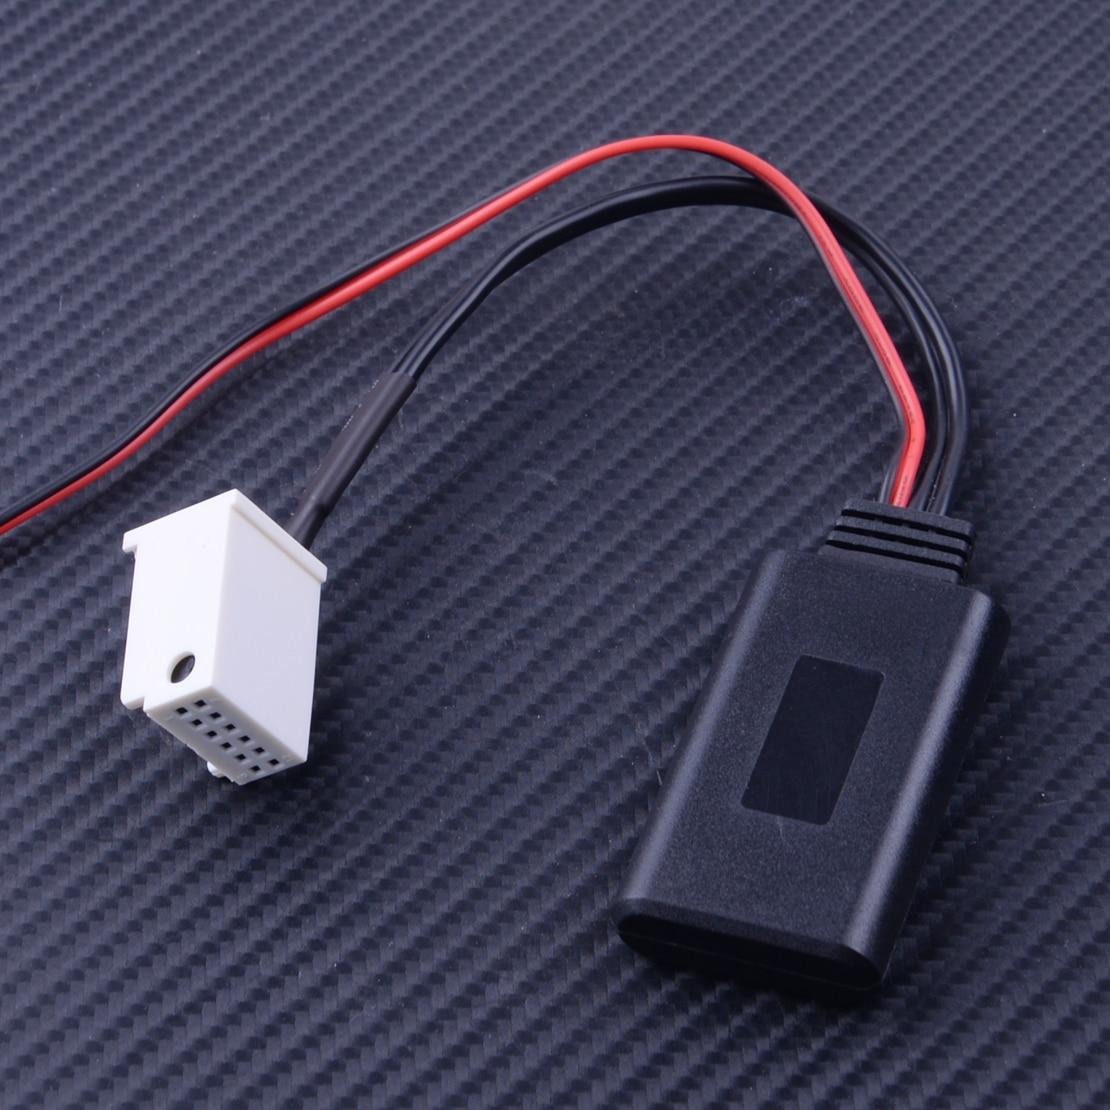 12V Cable adaptador Aux 12 Pin ajuste para Mercedes Benz W169 W245 W203 W209 R230 W221 W251 W164 X164